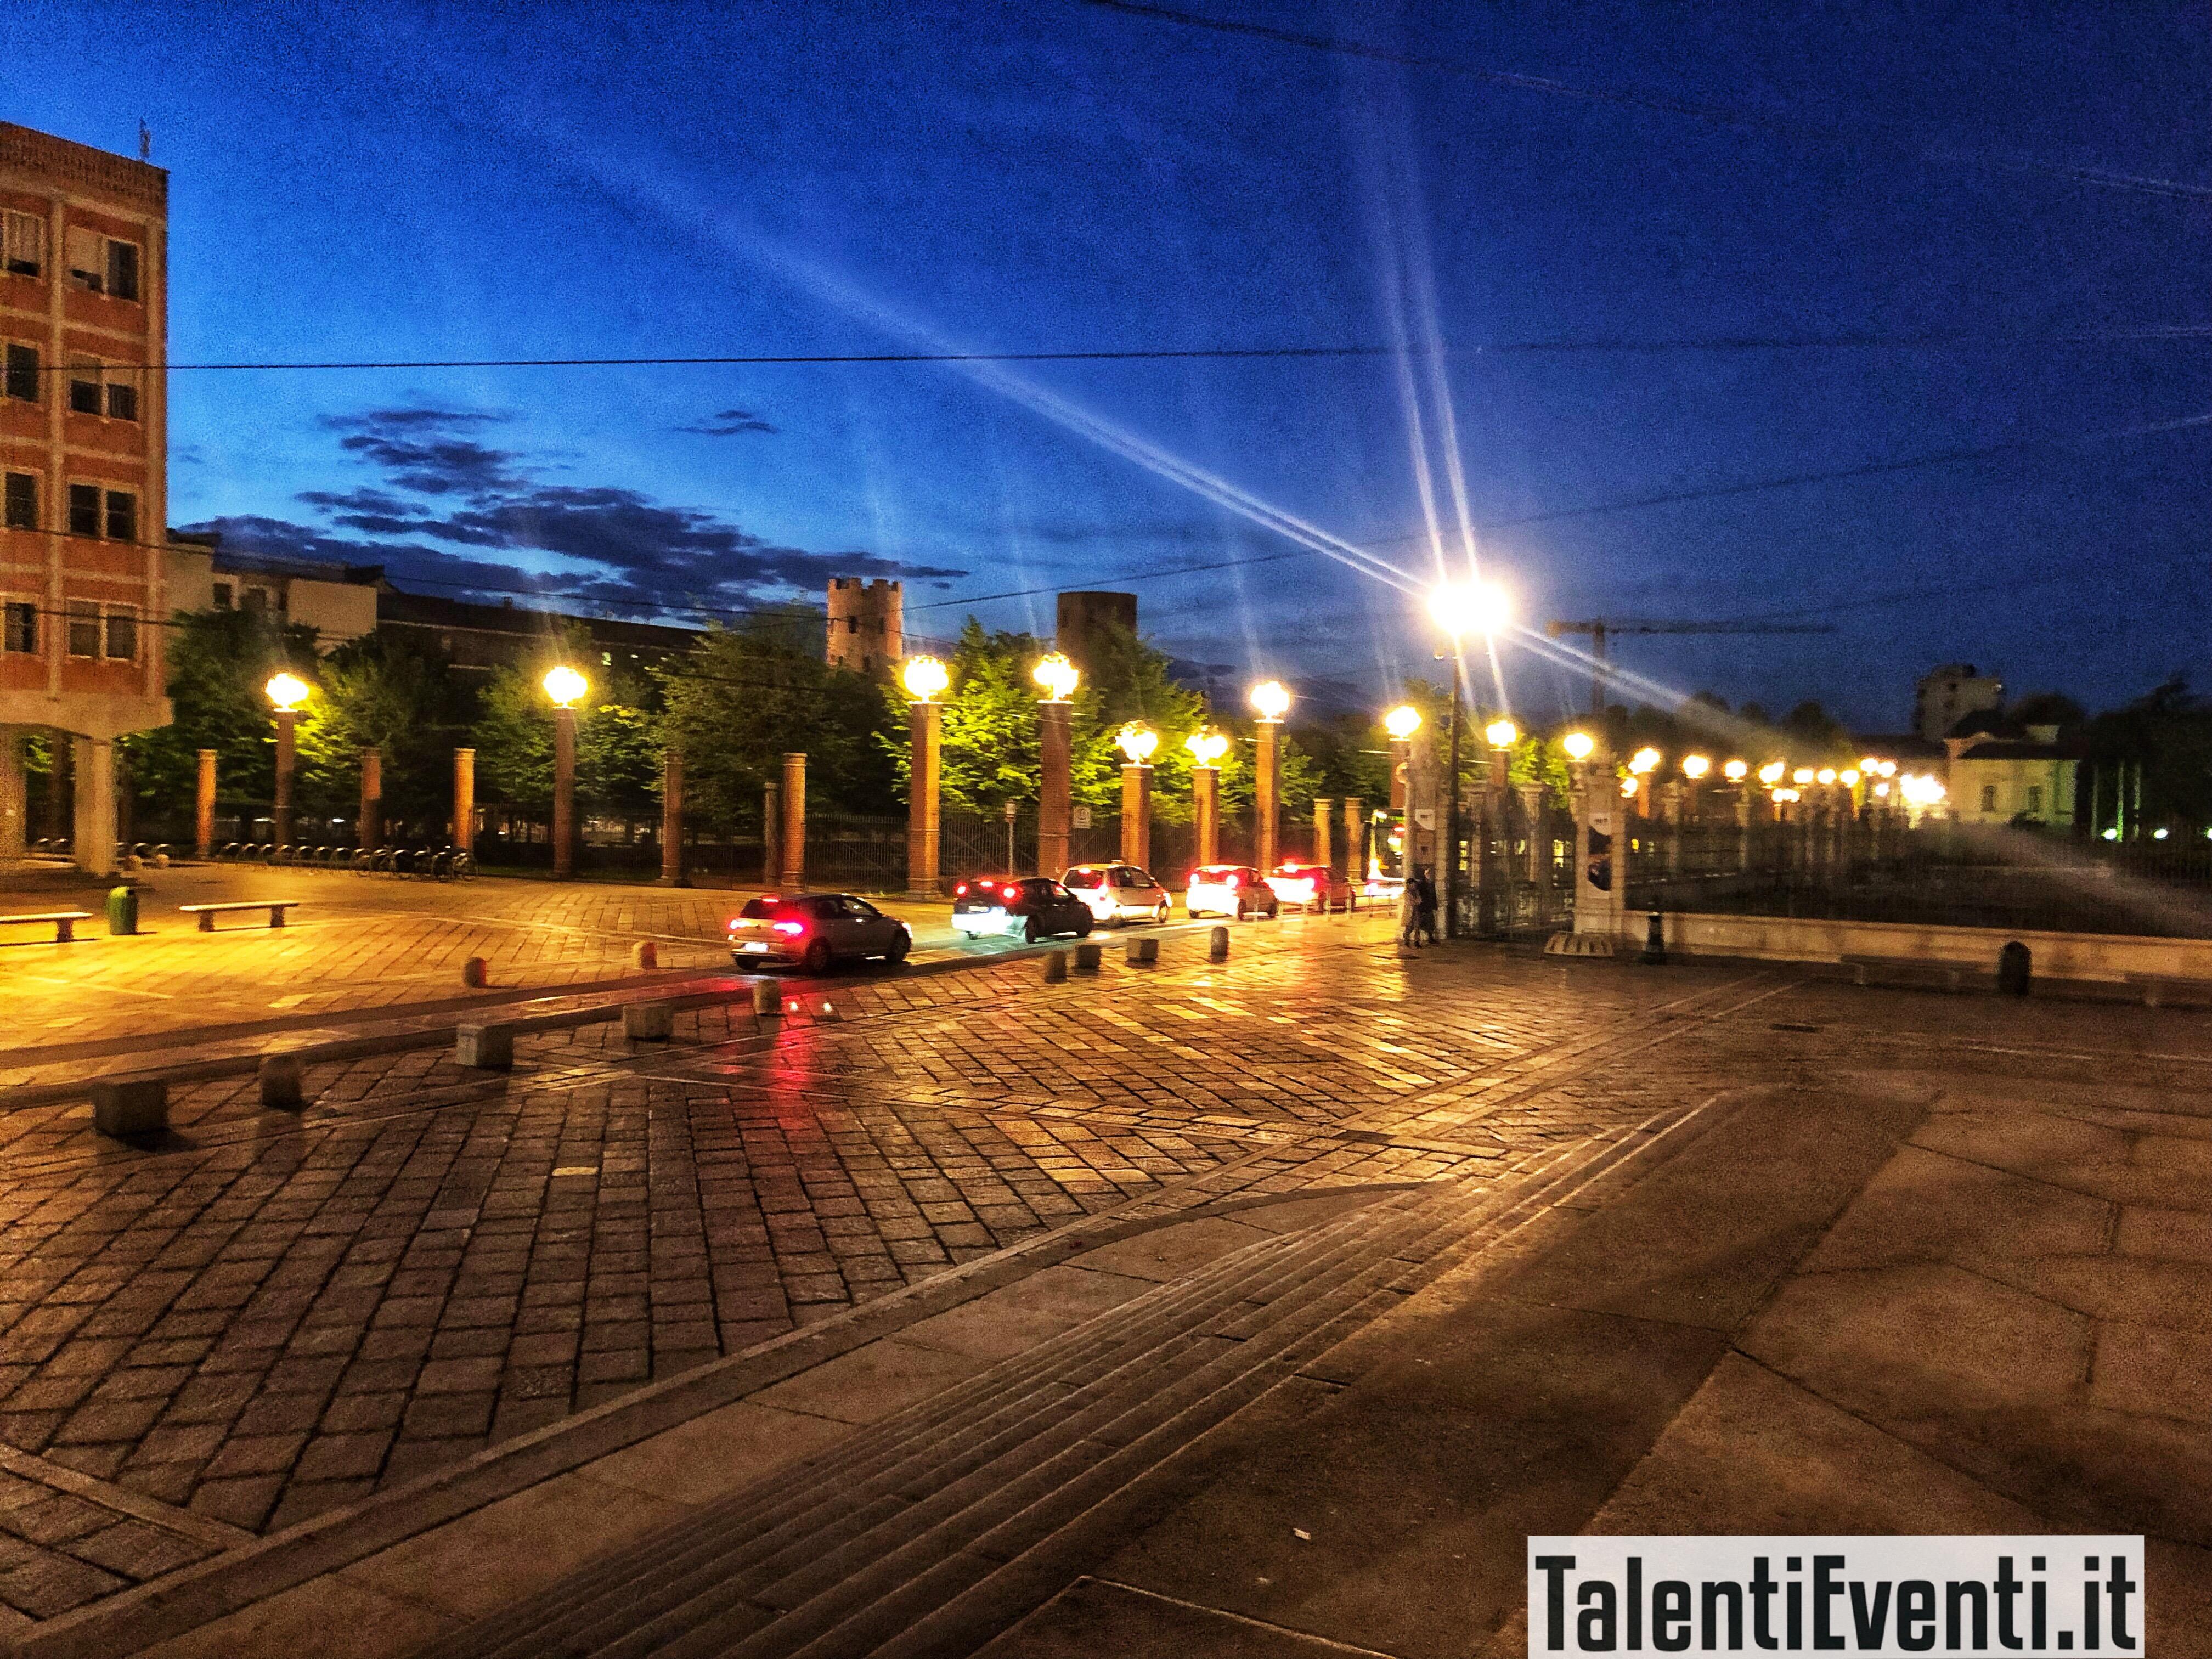 talenti_eventi_stabat_mater_edifici_sacri_torino_compagnia_san_paolo_9